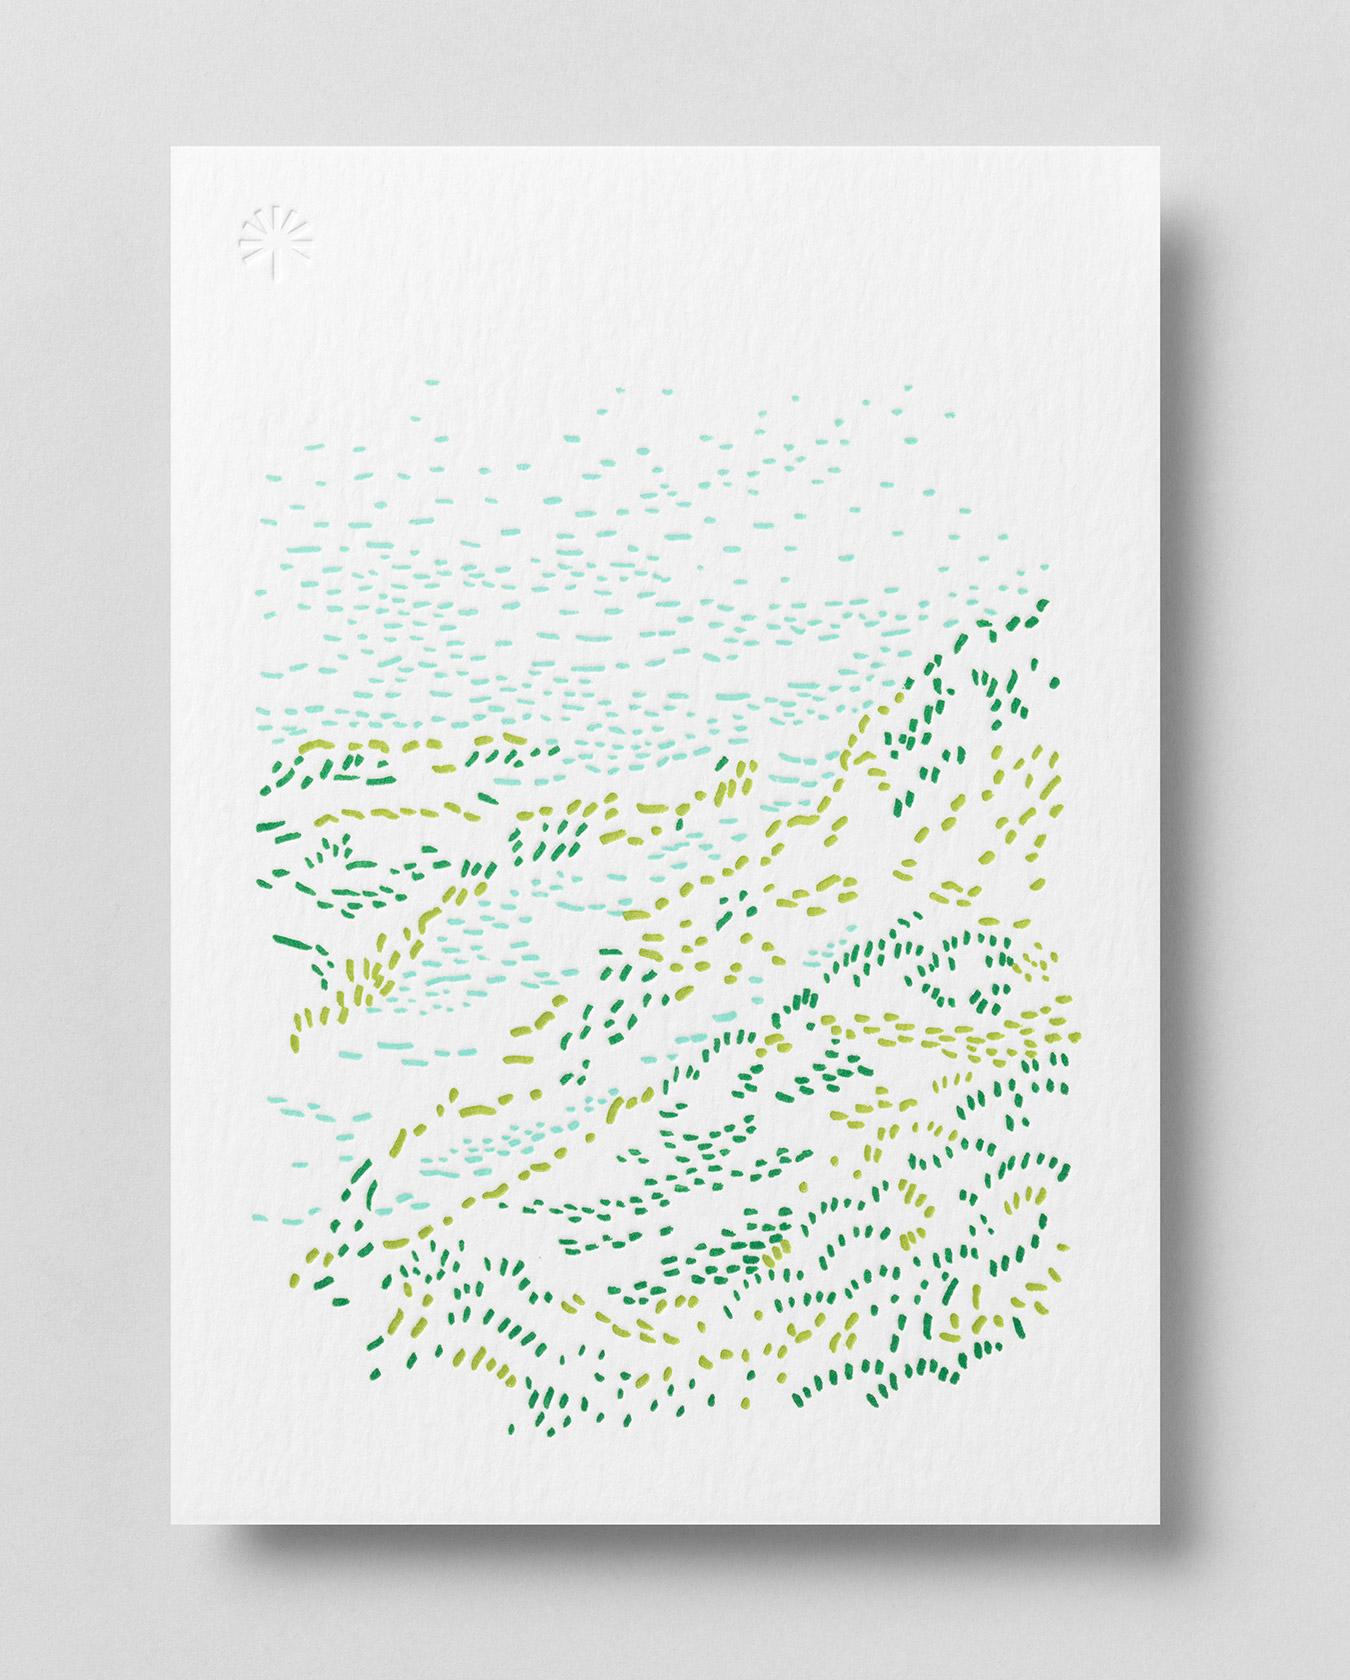 bpf_cardset-card-3_2730x1680